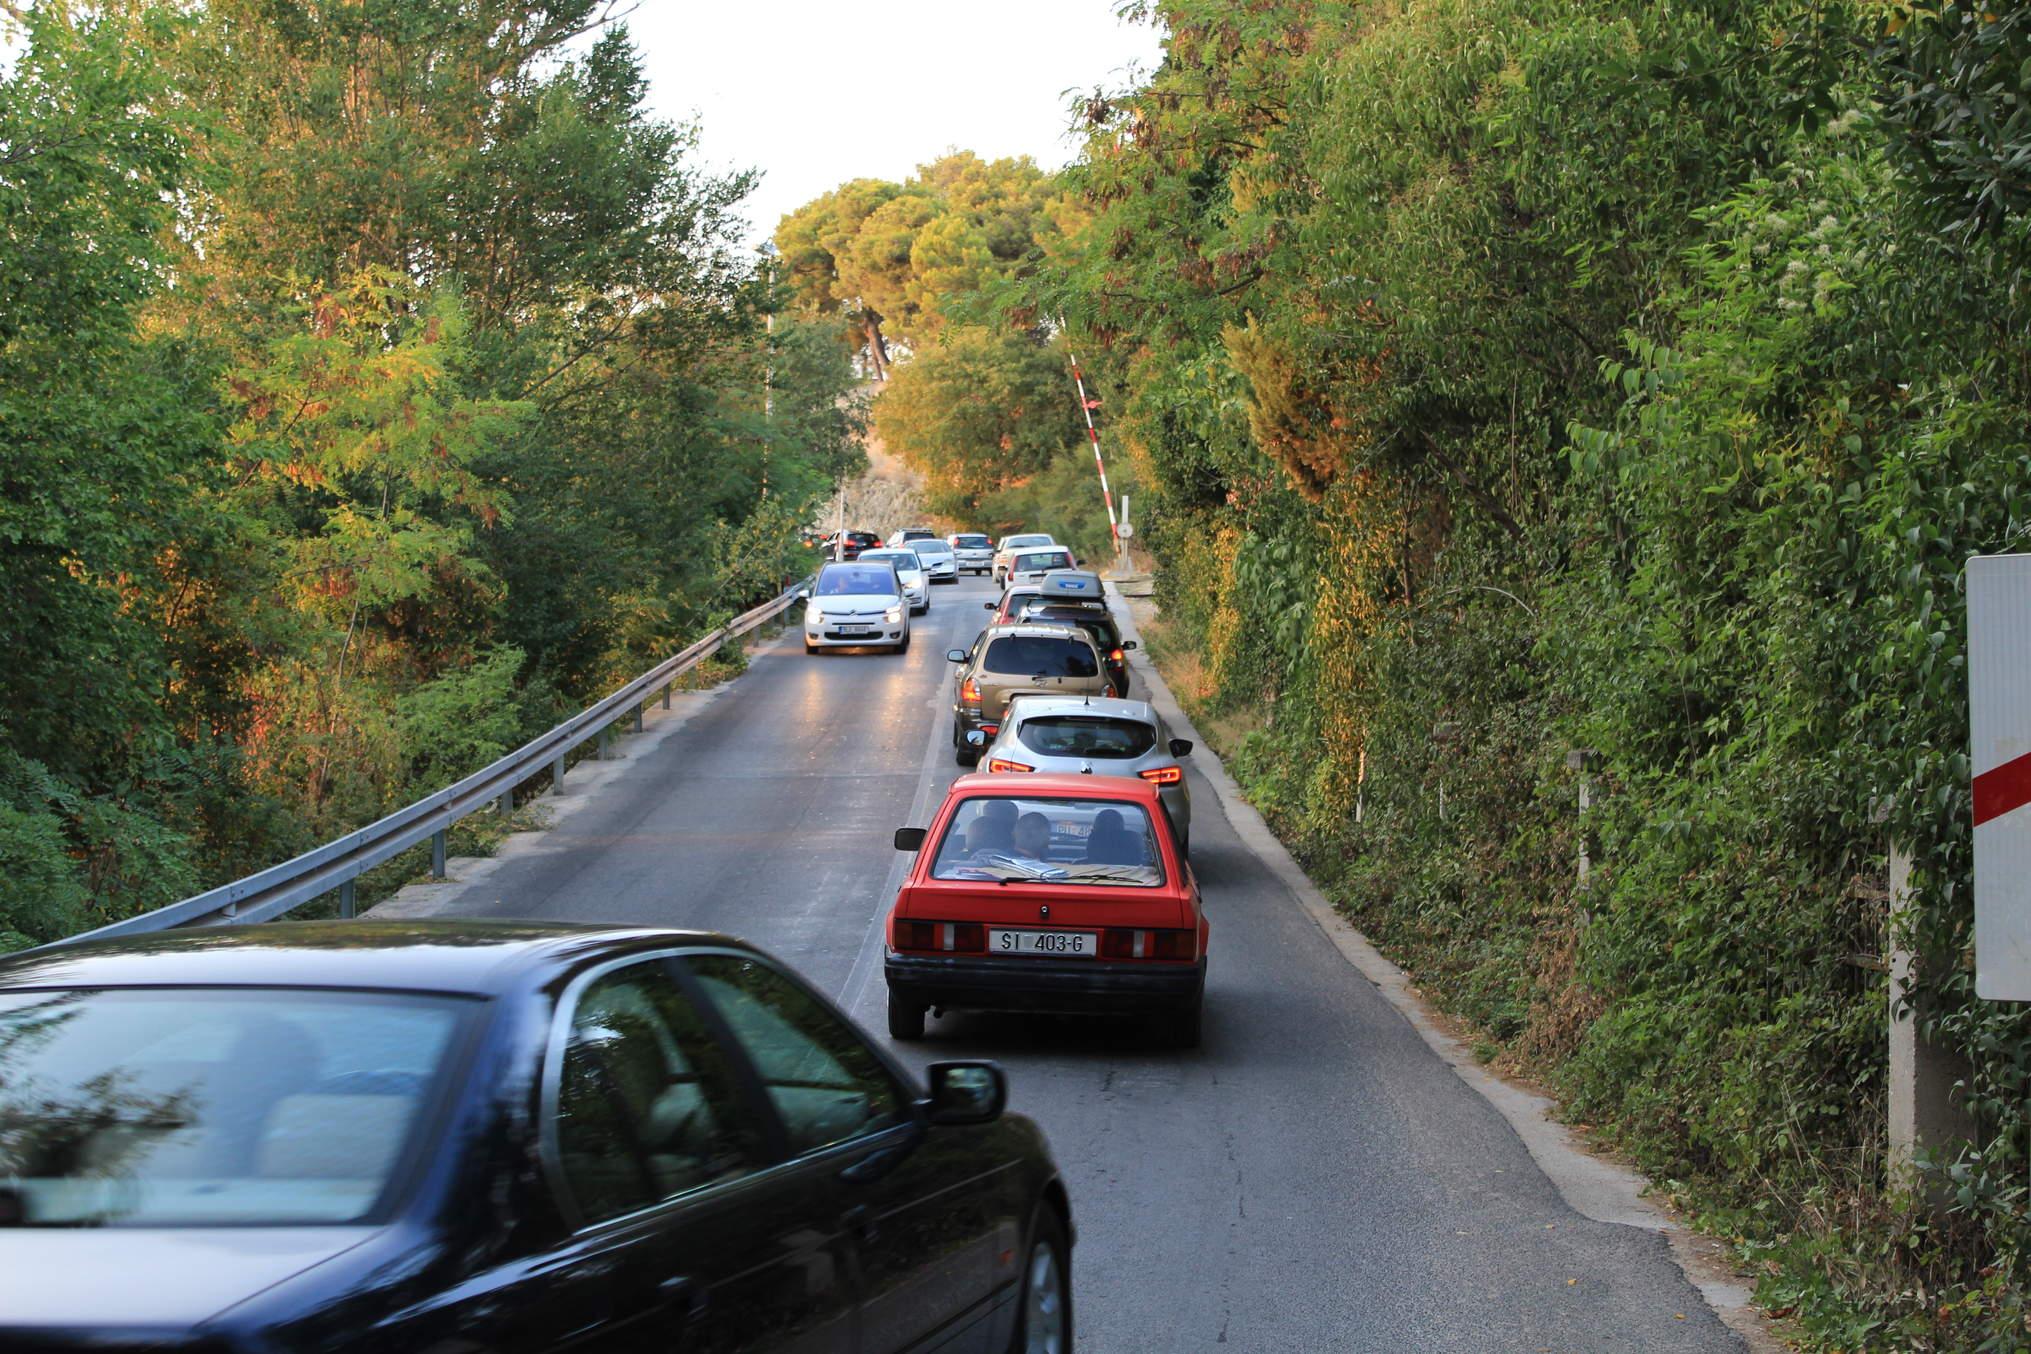 Đir do Mandaline, veli gradonačelnik Burić. Vjerojatno misli autom, ne pješke!